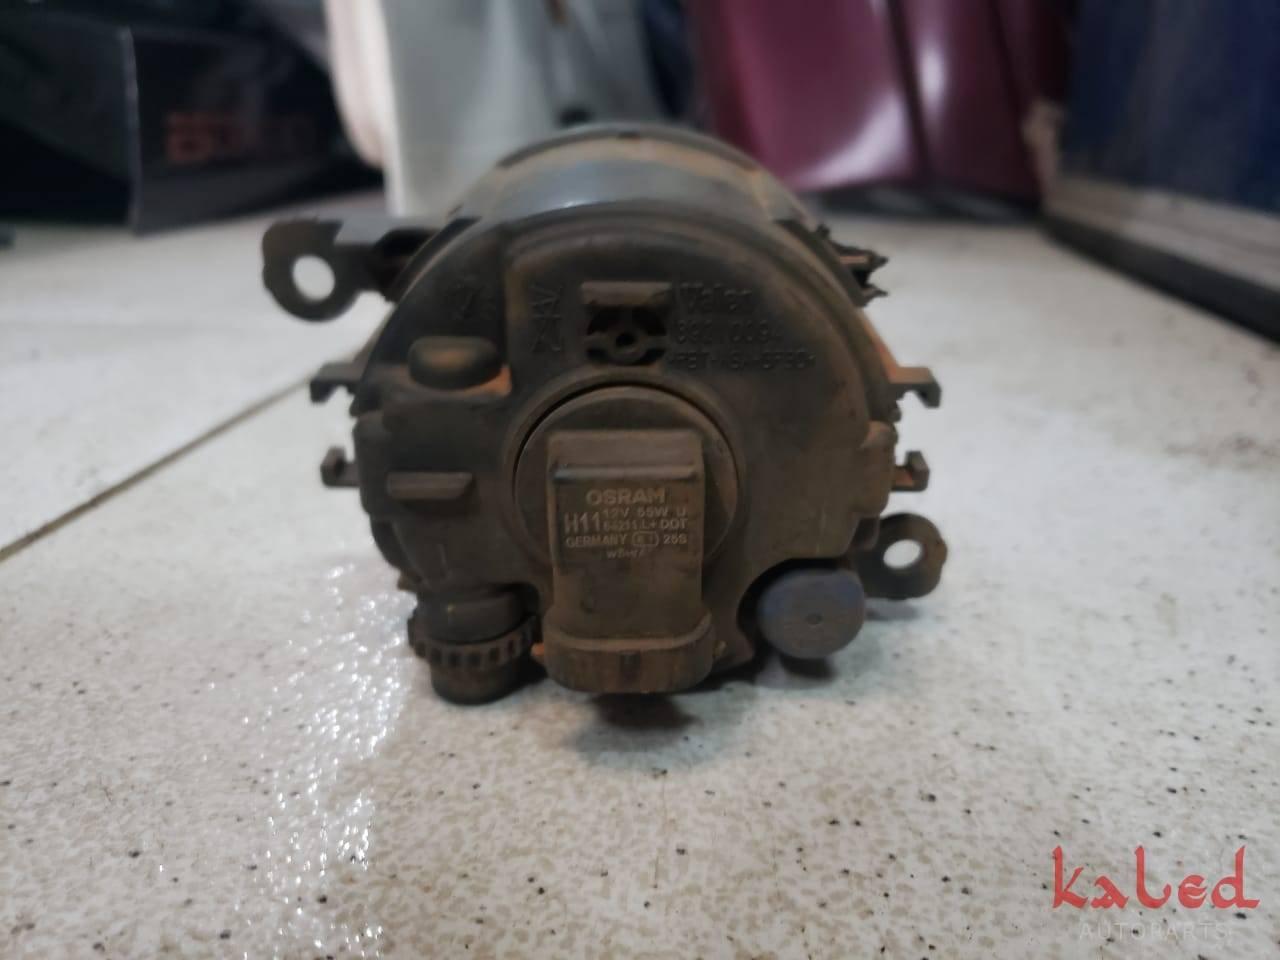 Farol de neblina Citroen C4 original Valeo   - Kaled Auto Parts